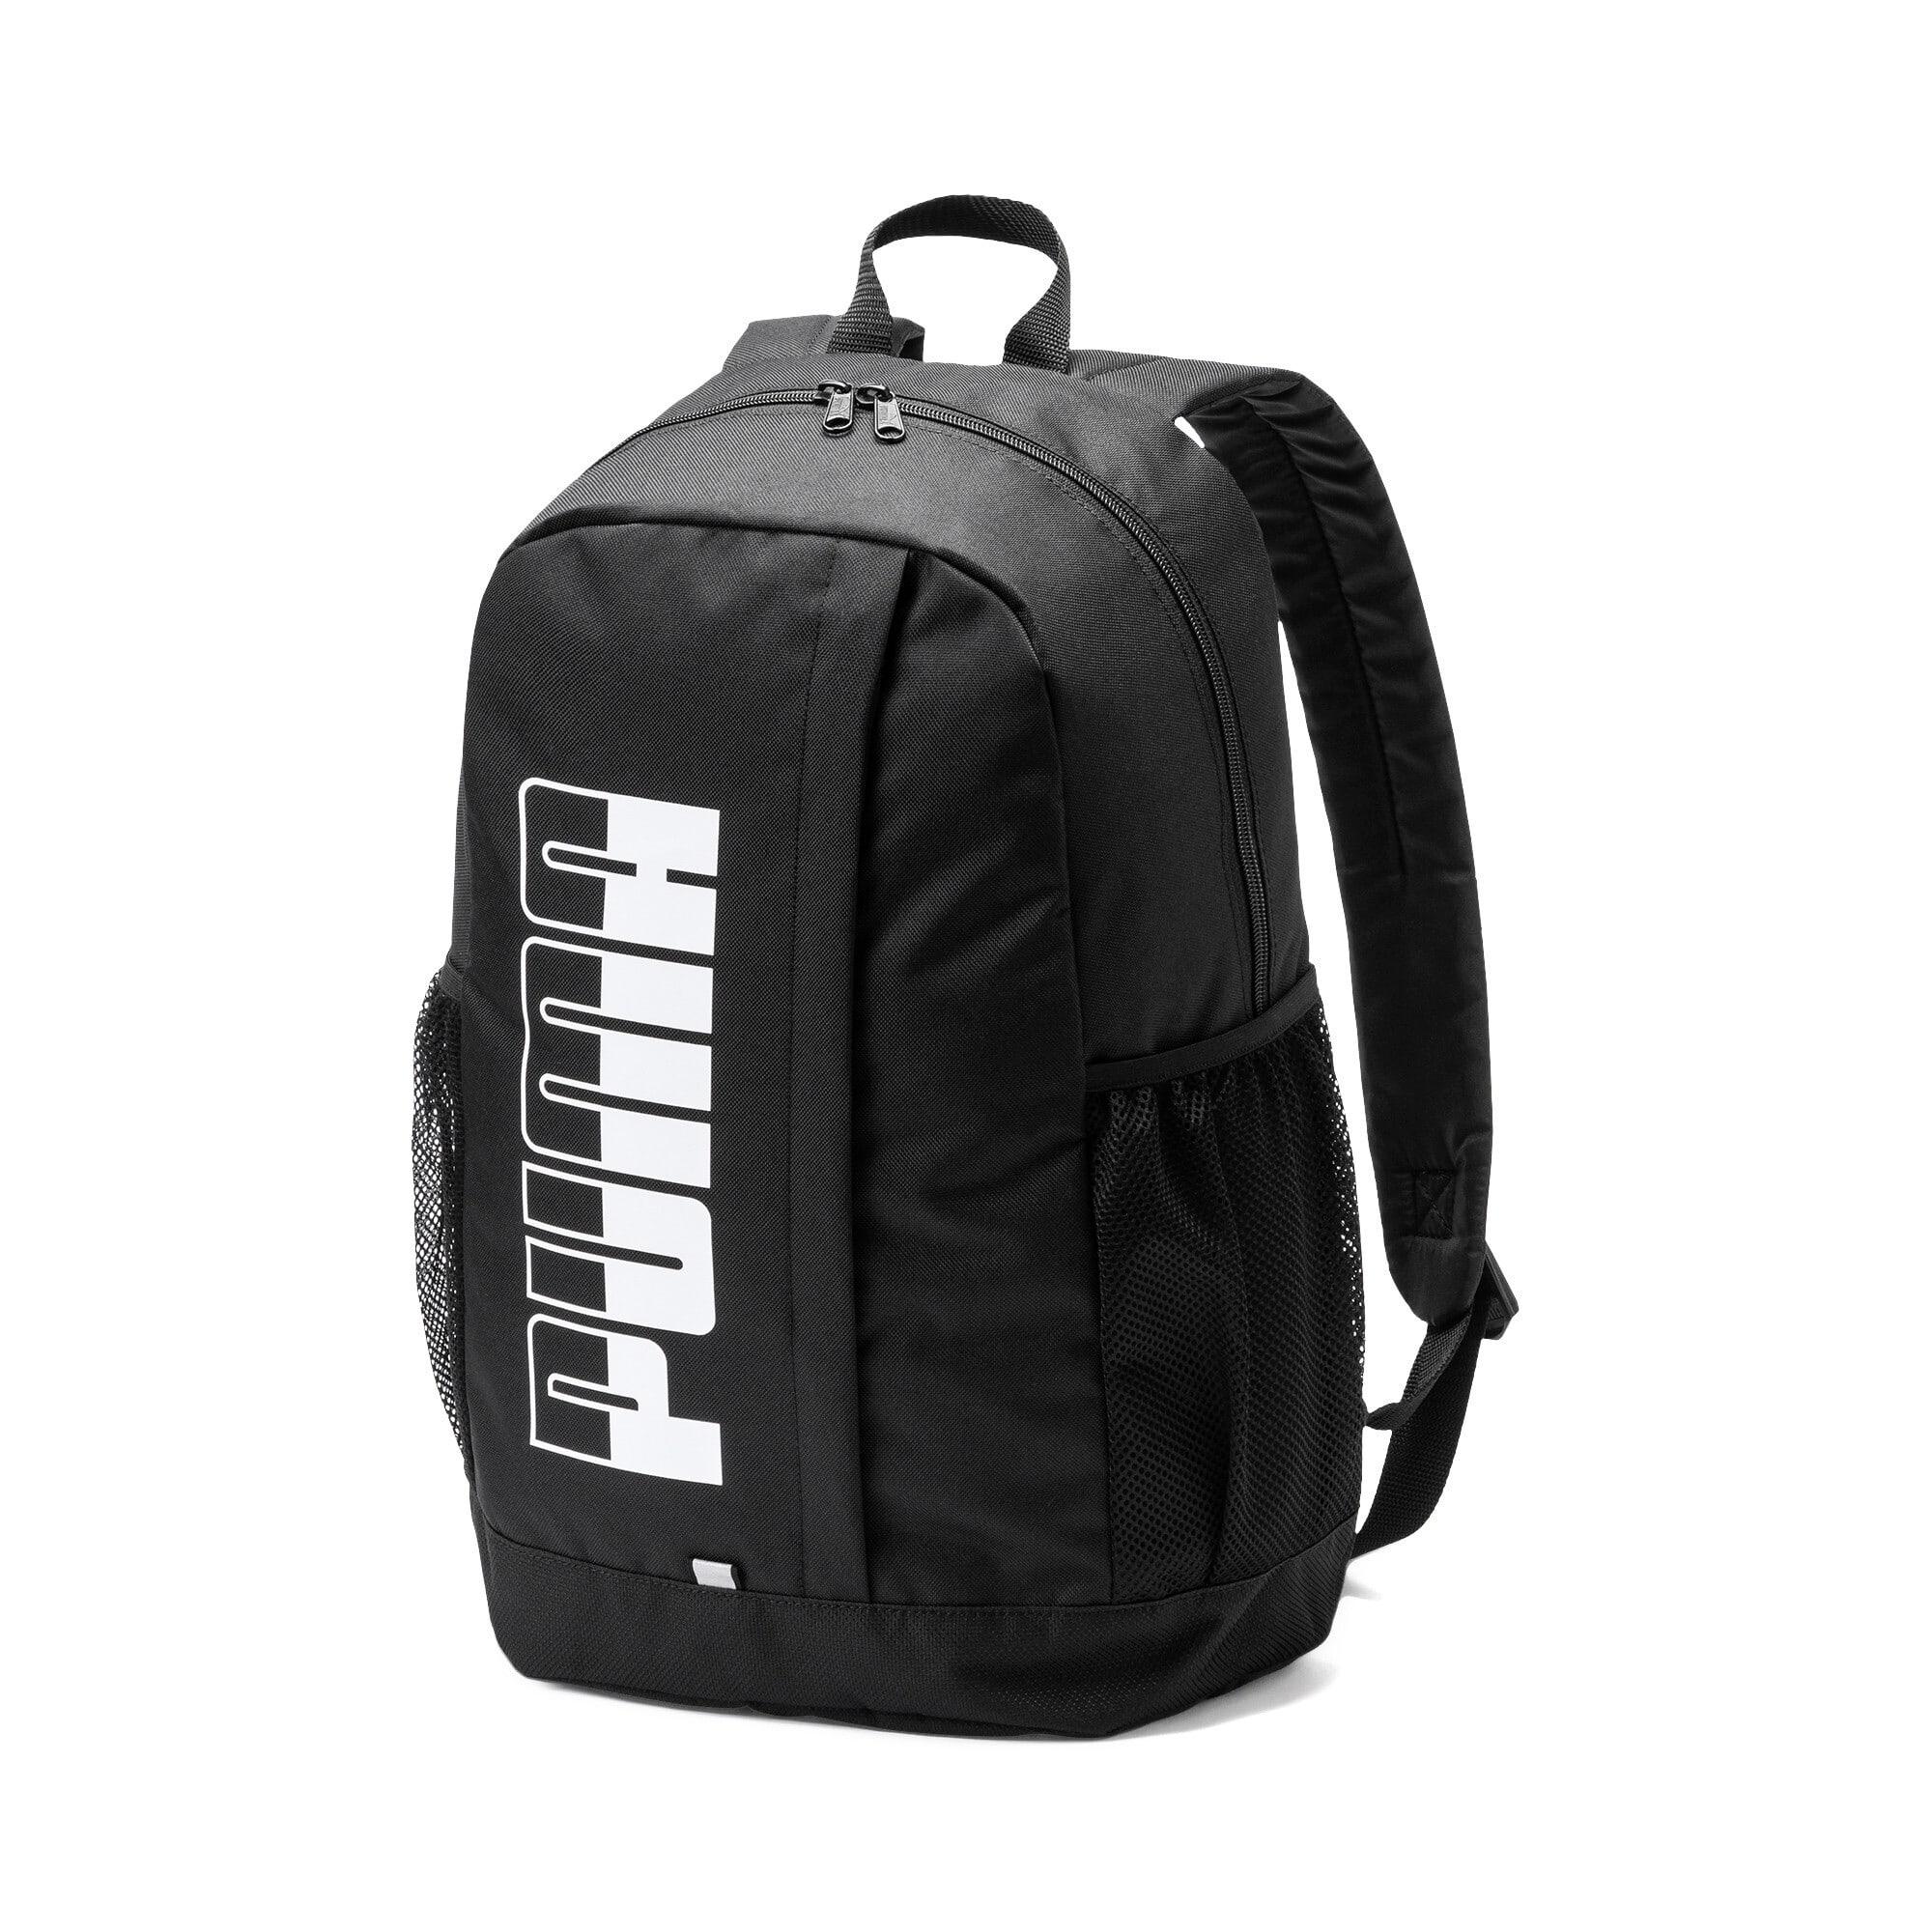 Thumbnail 1 of Plus II Backpack, Puma Black, medium